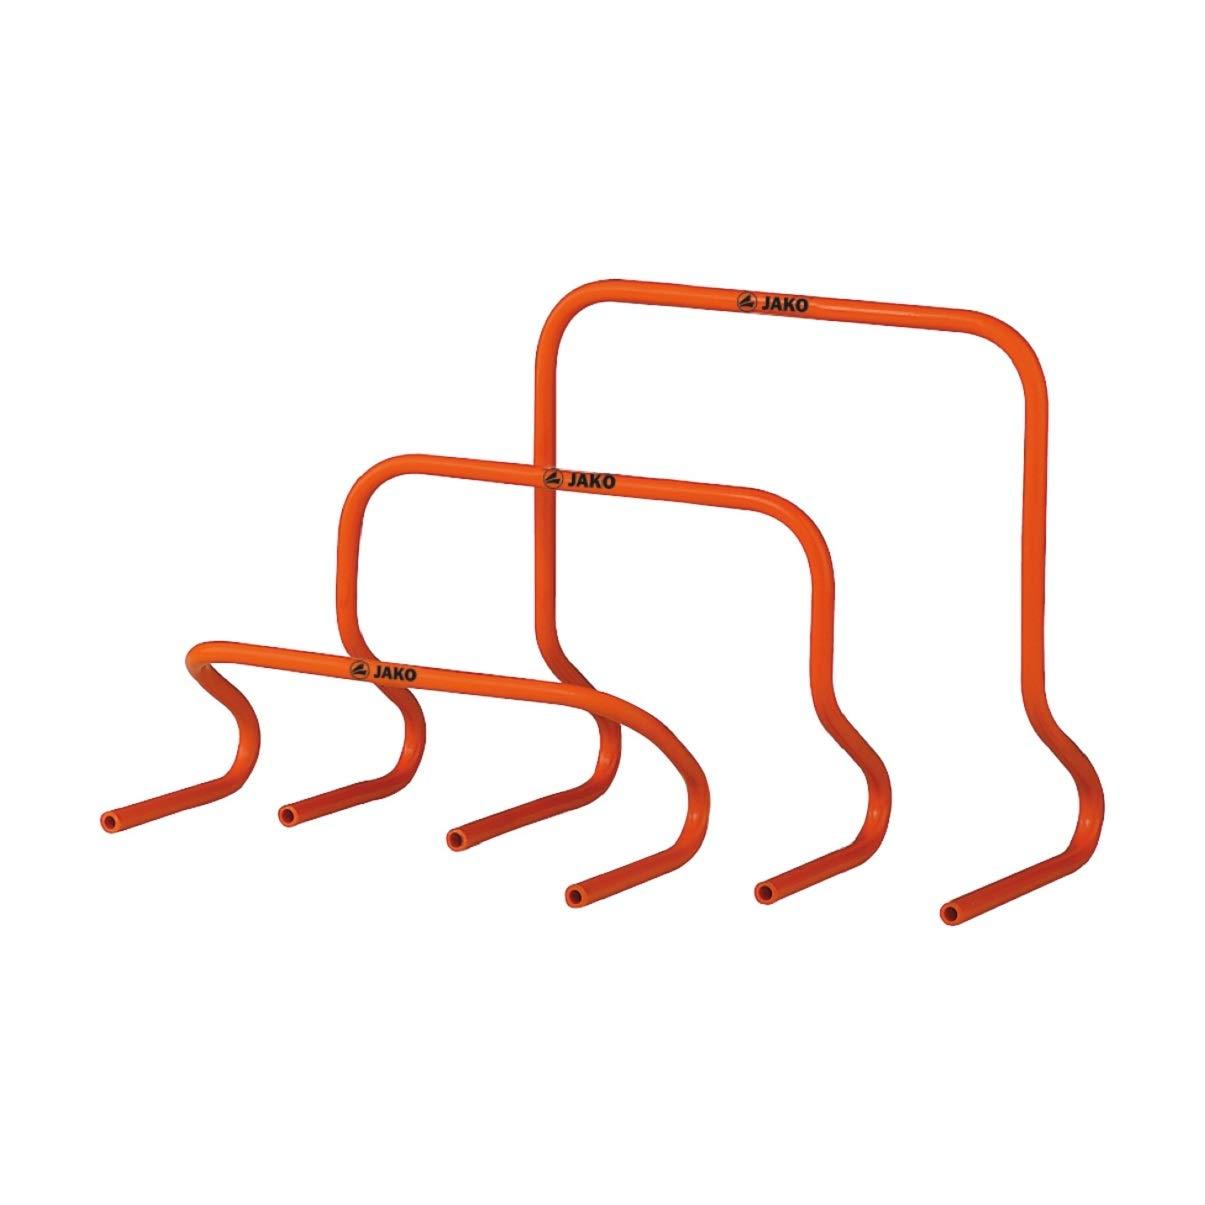 JAKO Unisex– Erwachsene Hürden-Set-2132 Hürden-Set, Orange, One Size